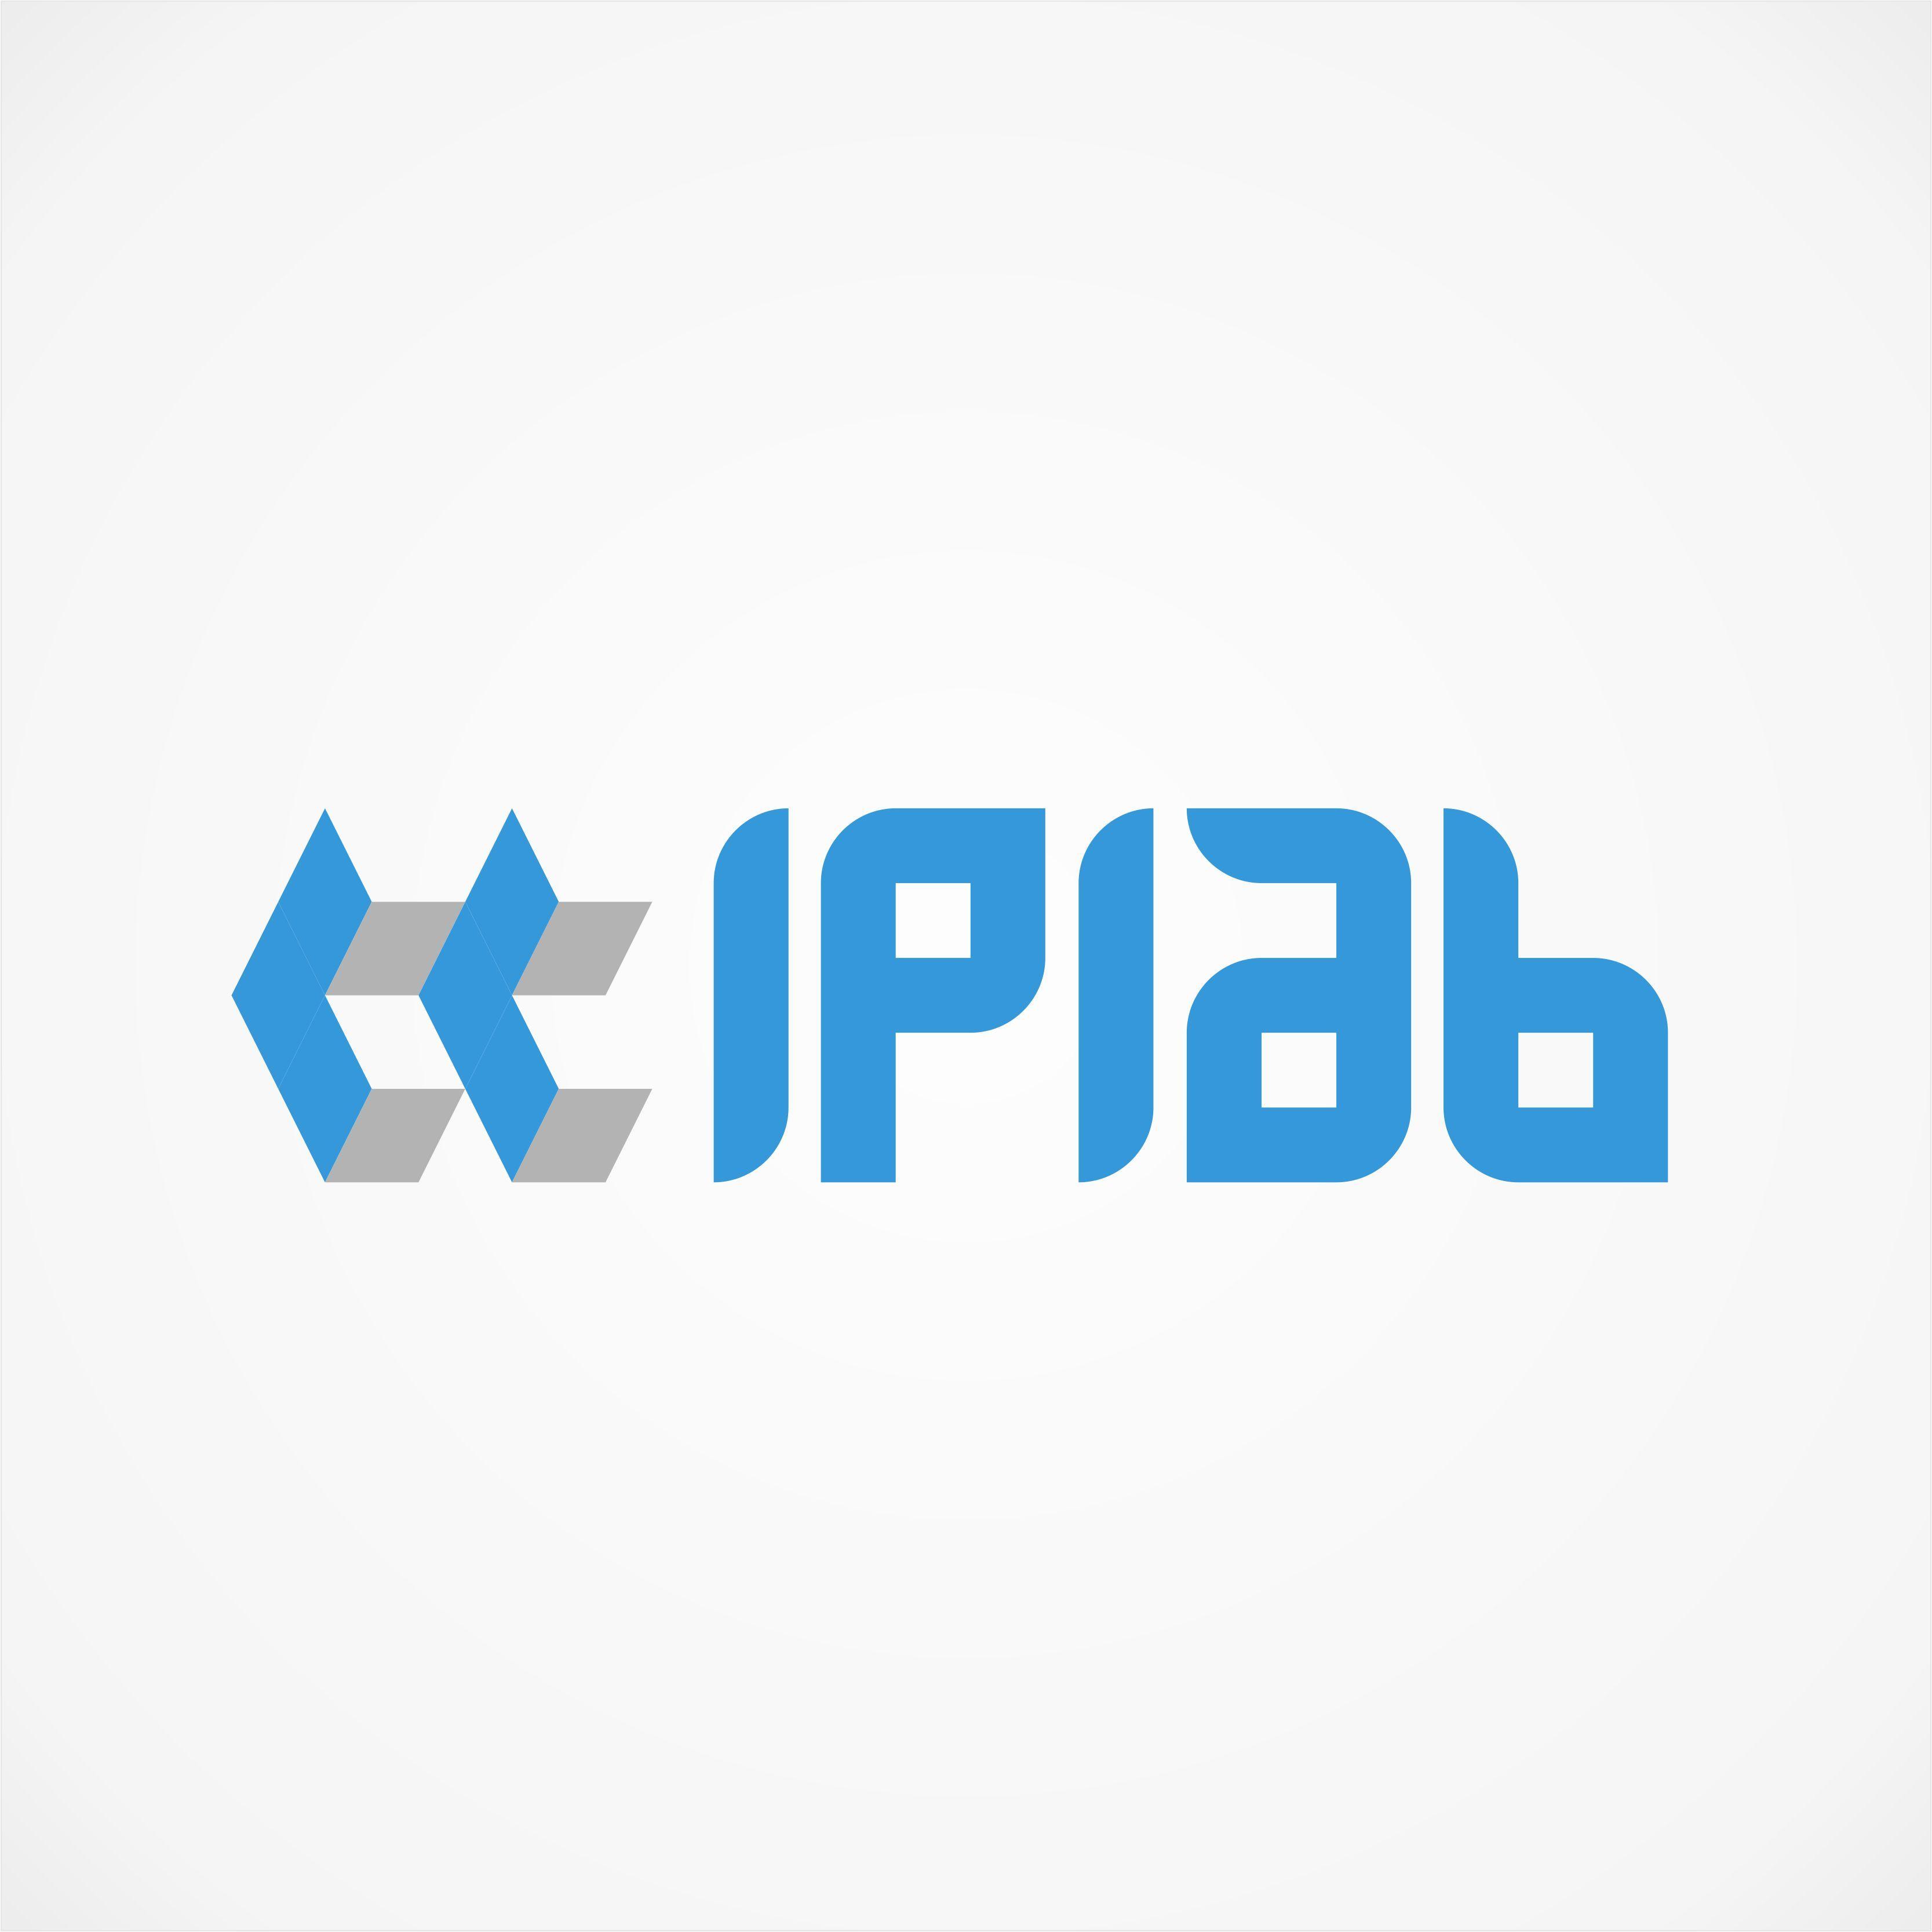 Логотип для диджитал агенства - дизайнер Donnerwetter